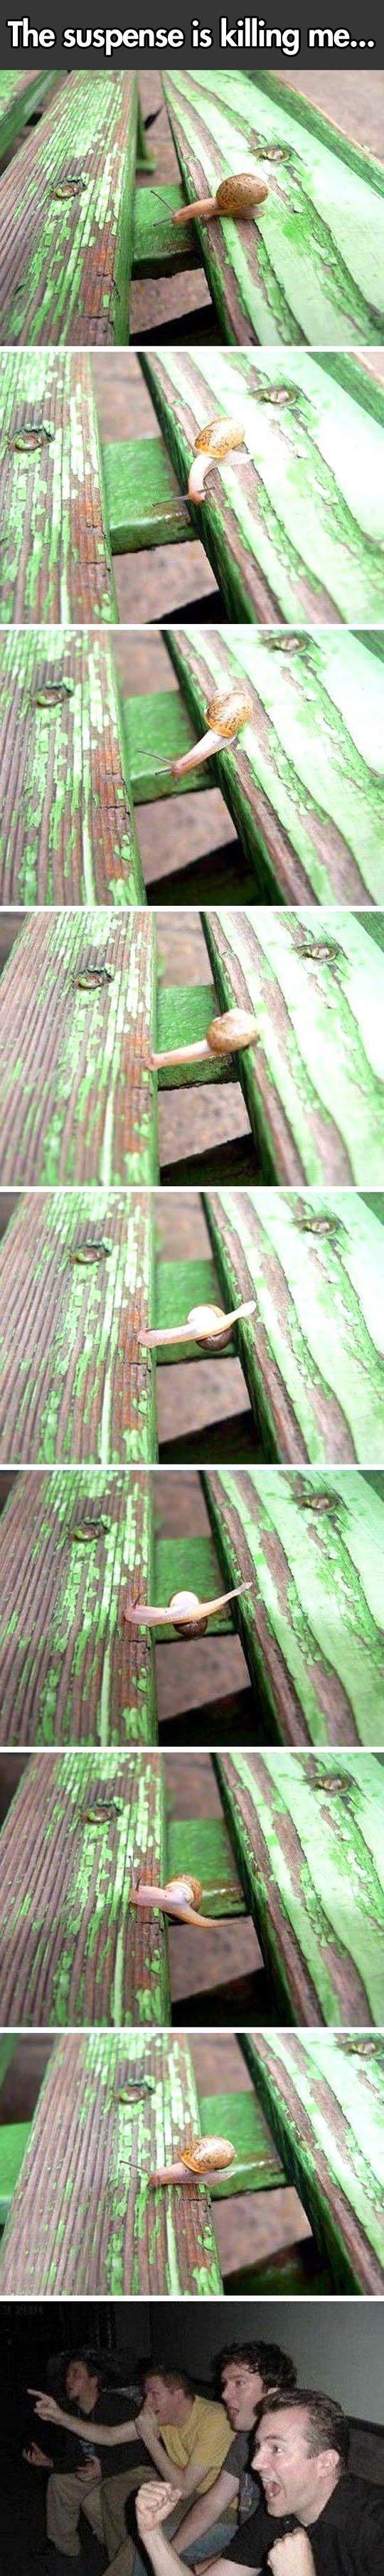 snail meme - Green - The suspense is killing me...